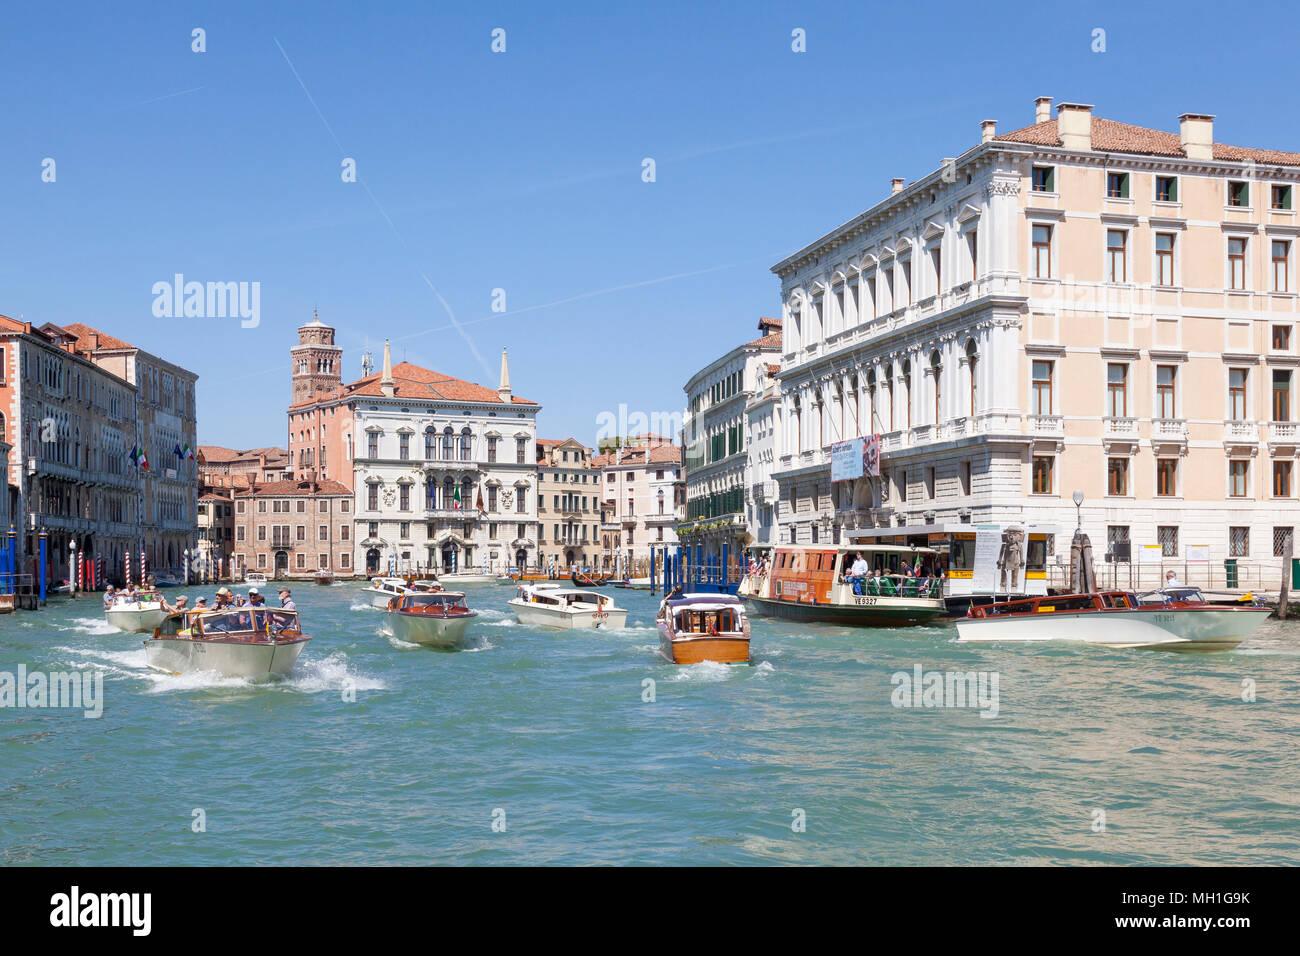 Sehr viel Wasser Taxi Boot Verkehr mit Touristen Sightseeing auf dem Canal Grande, San Polo, Venedig, Venetien, Italien gefüllt. Wacht dieser Boote sind Stockbild